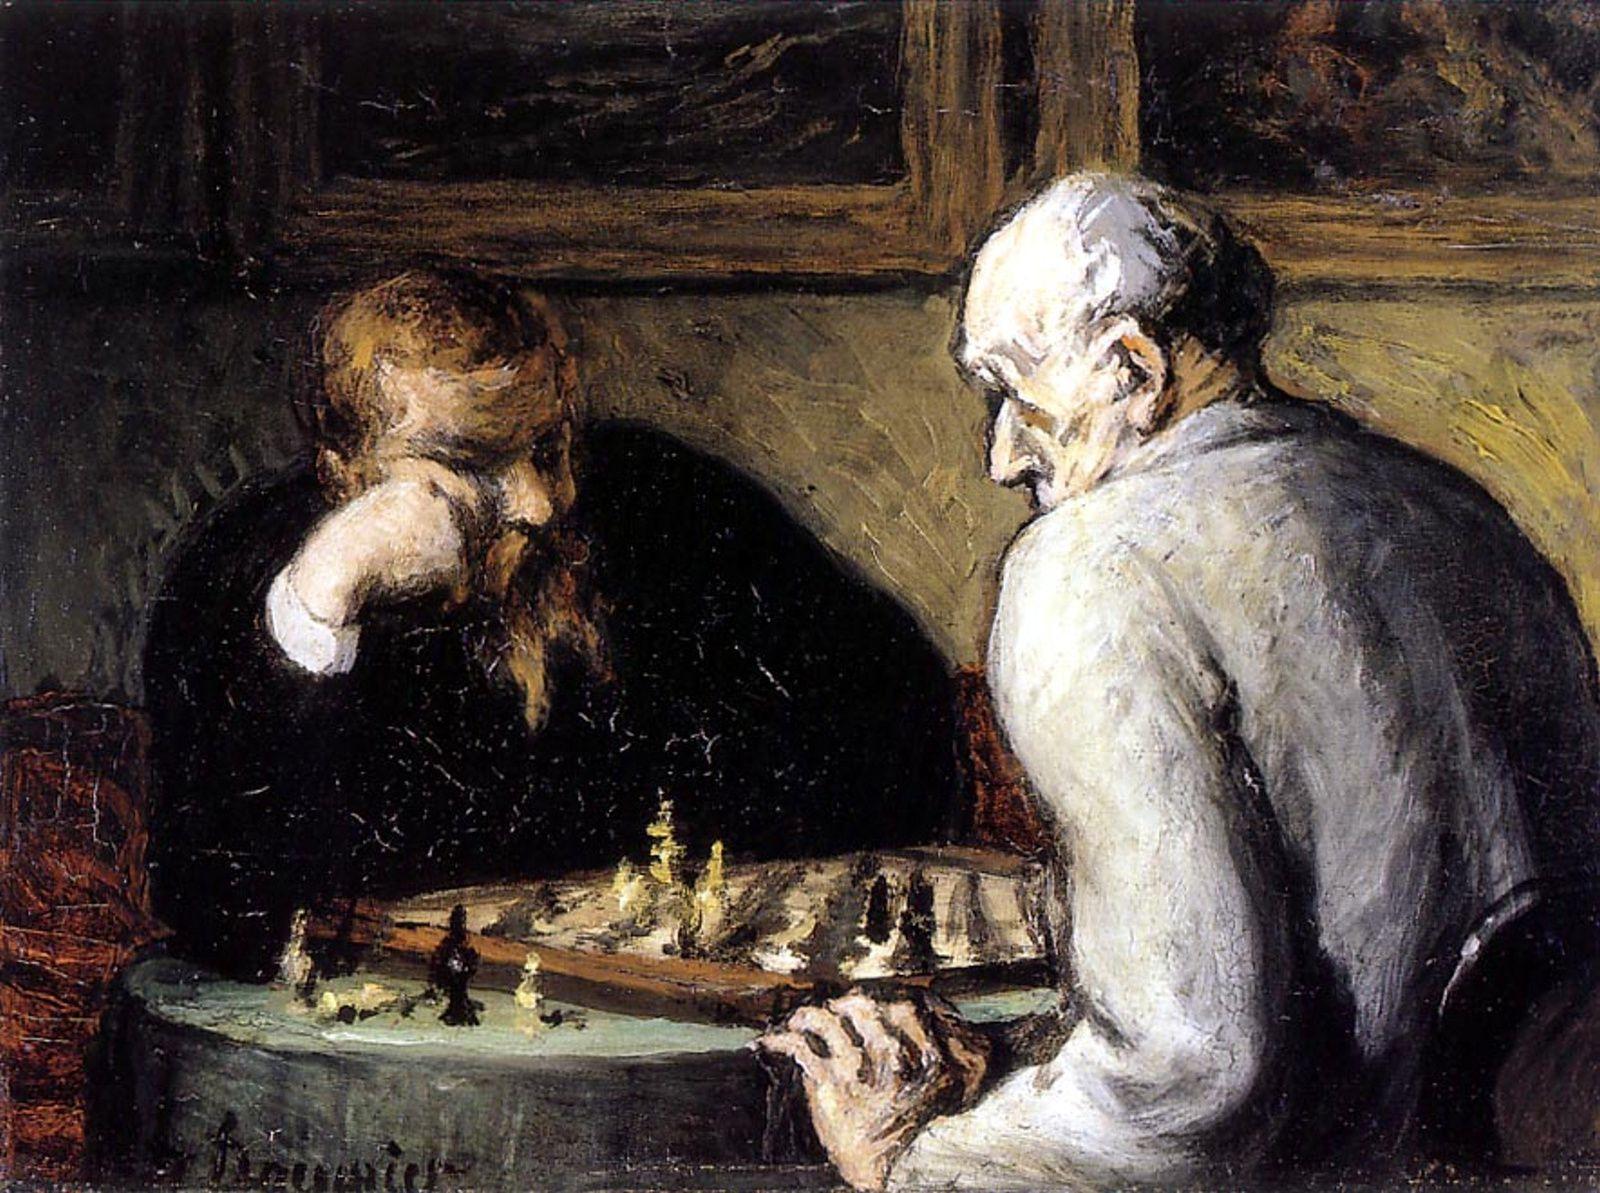 Les joueurs d'échecs - Huile de Honoré Daumier (1808-1879)